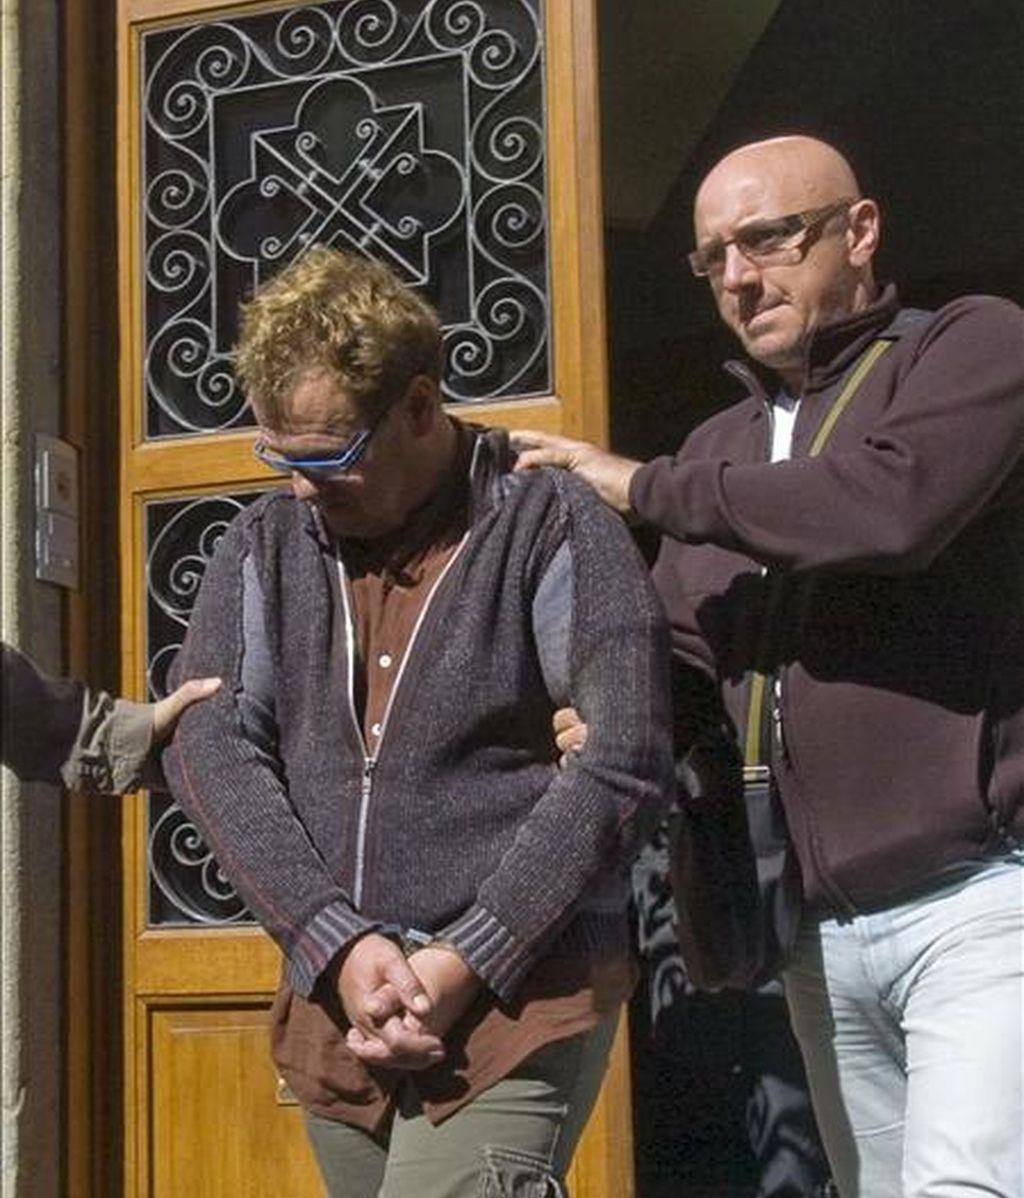 """El resultado de las autopsias tardará """"varios días"""" en conocerse. Vídeo: Informativos Telecinco."""